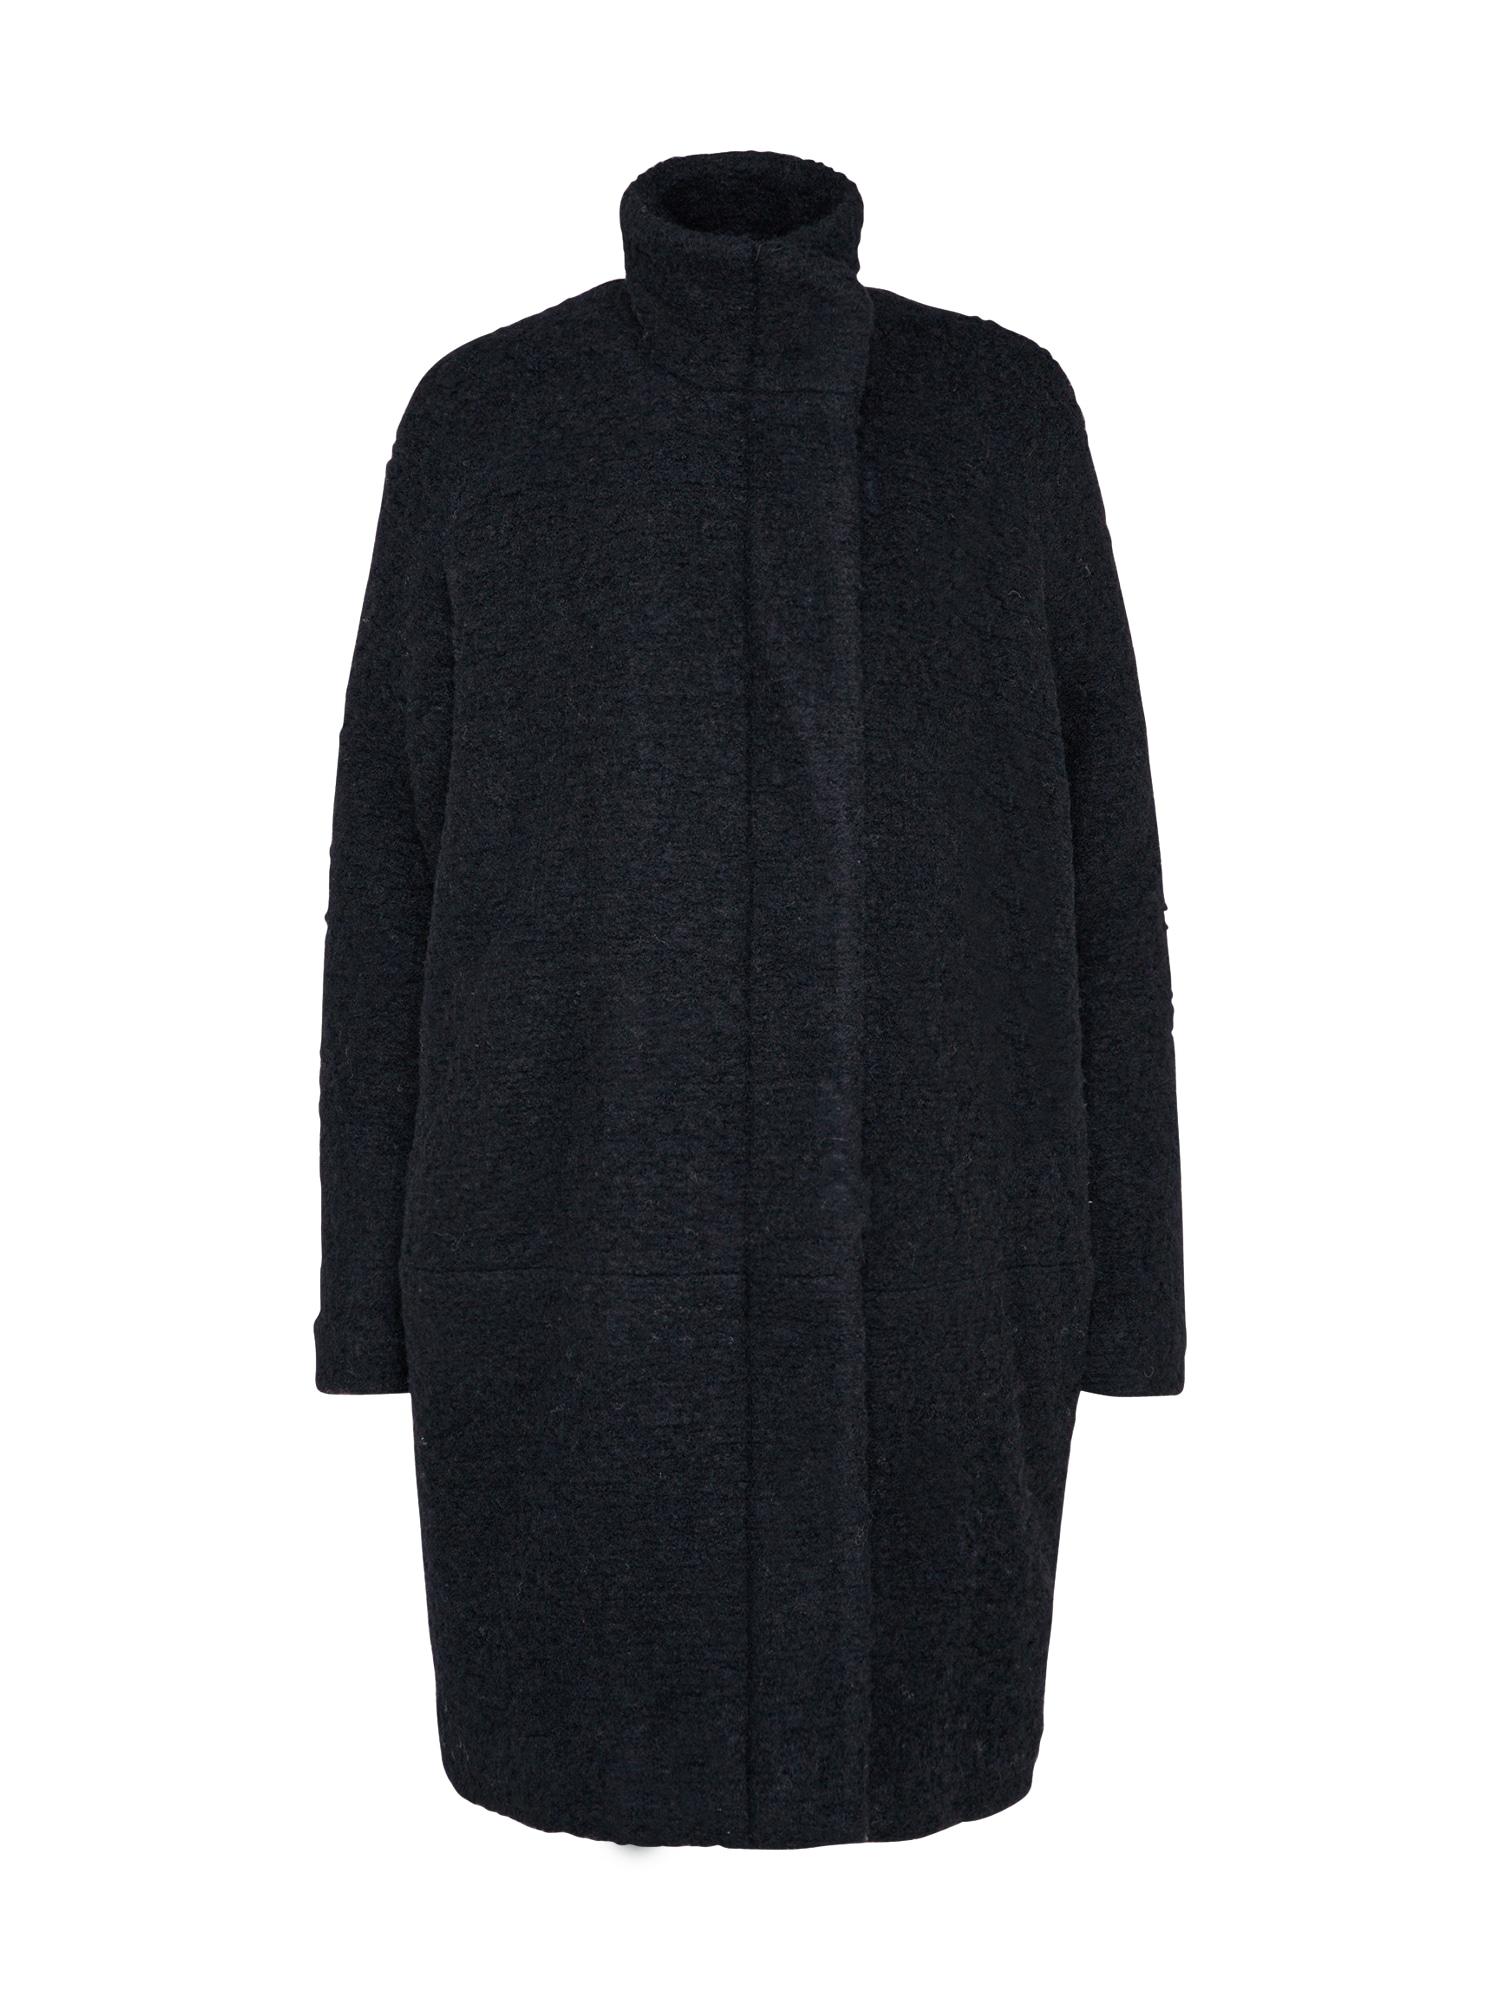 Zimní kabát Hoff 6182 černá Samsoe & Samsoe